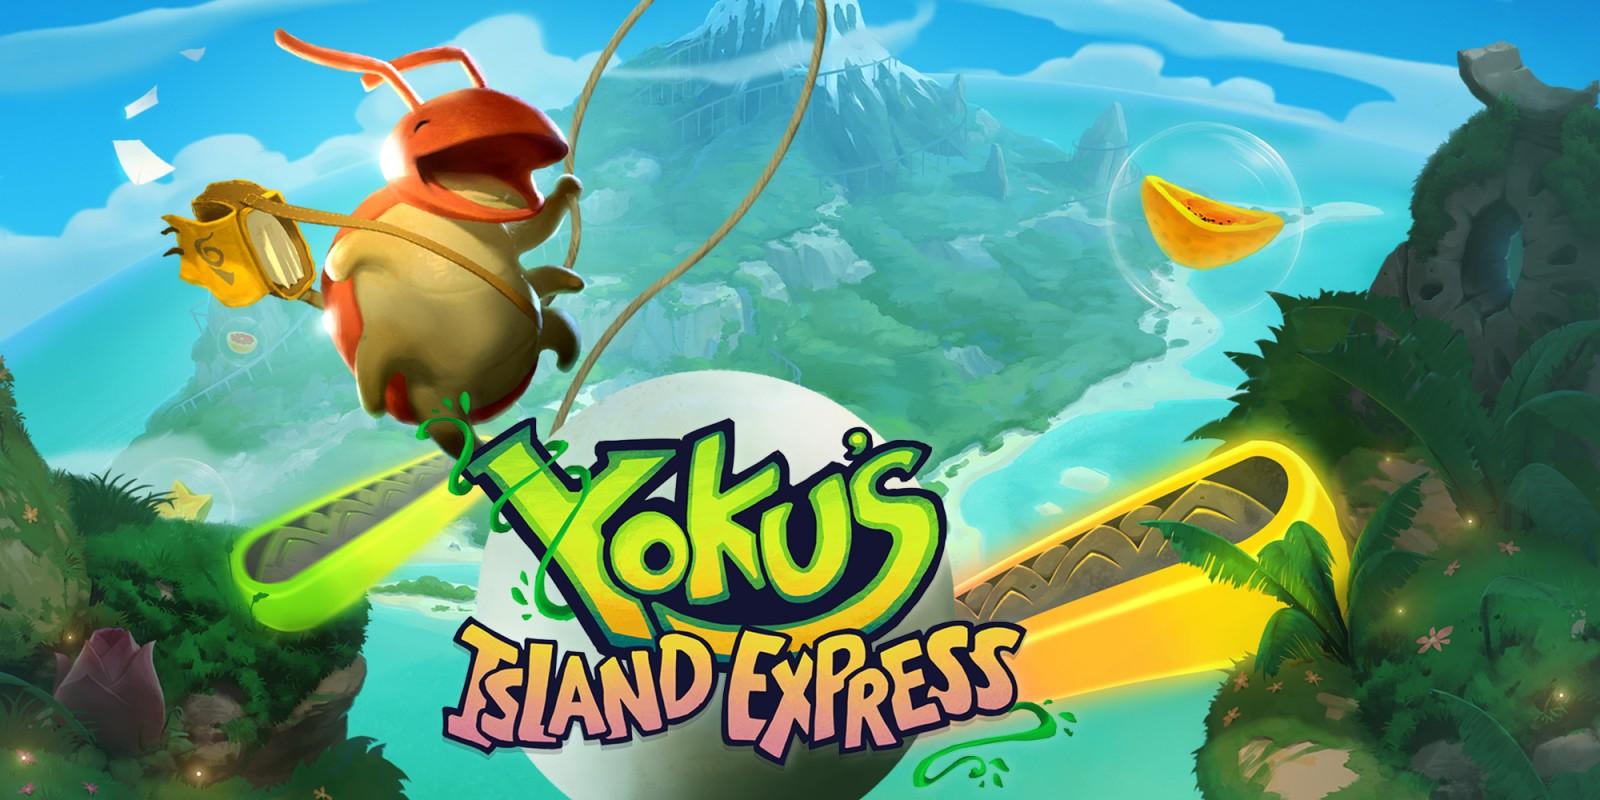 yokus island express nintendo switch download software